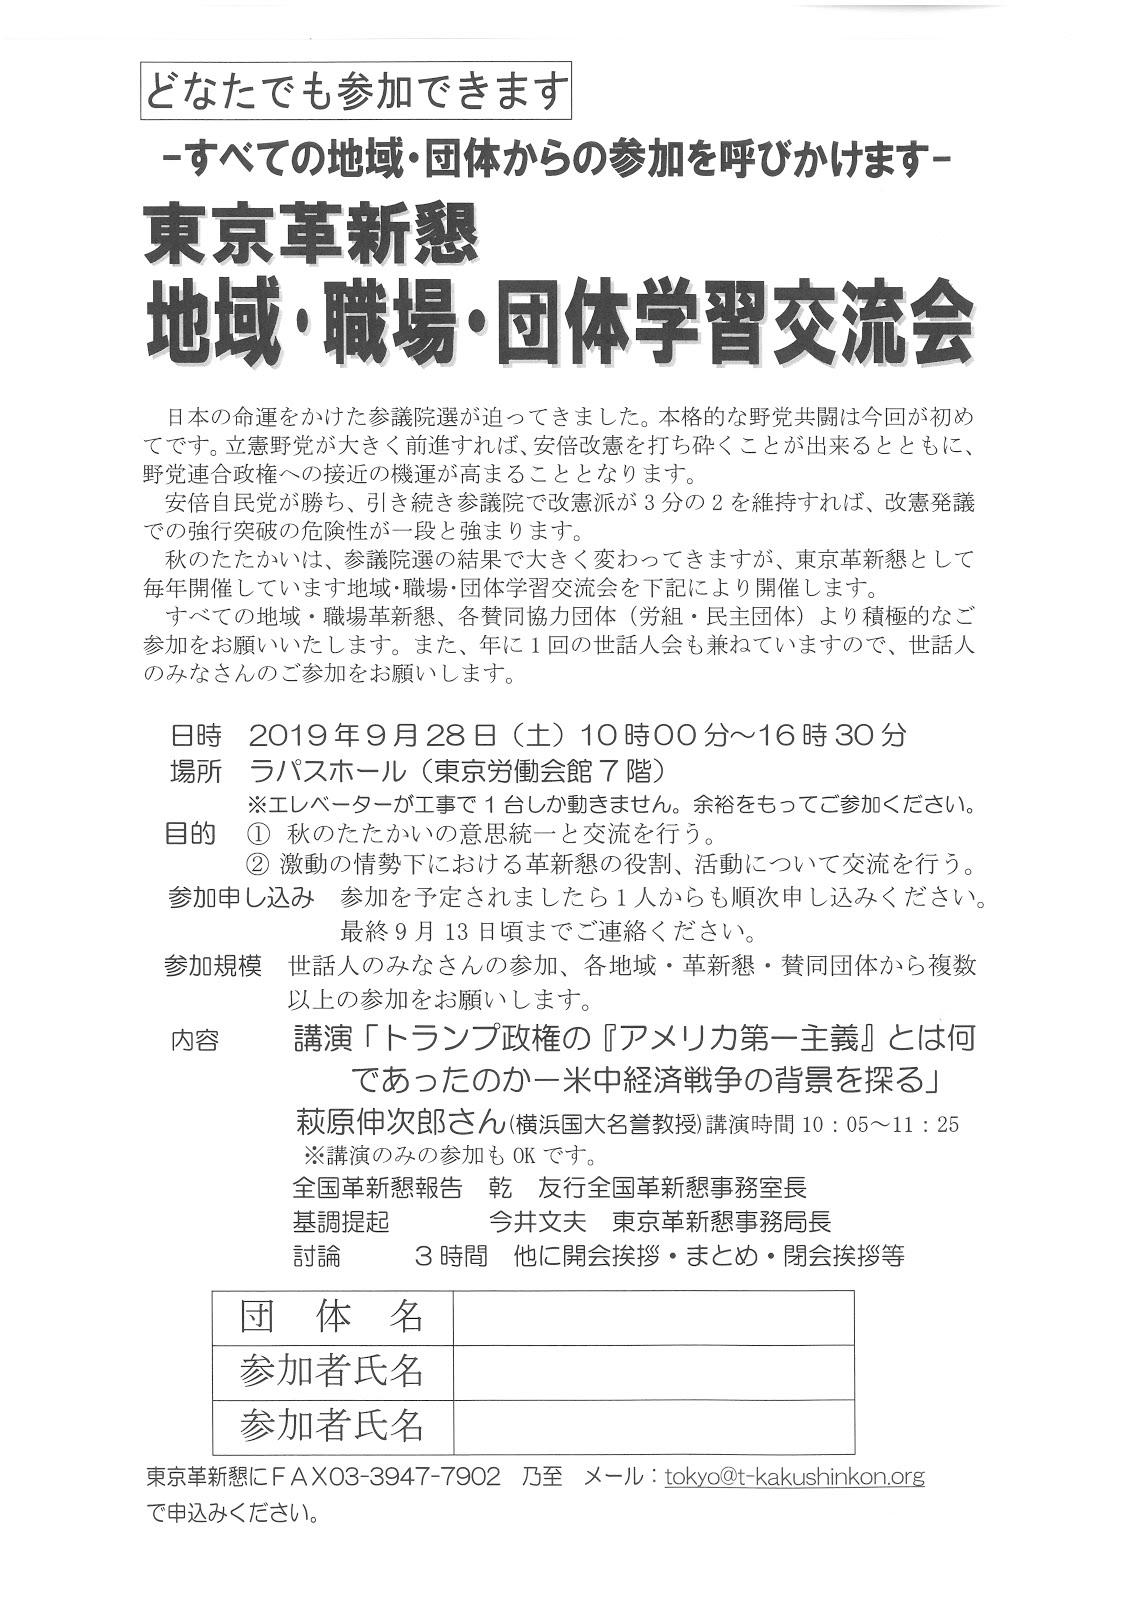 東京革新懇 地域・職場・団体学習交流会 9月28日(土)10時~「トランプ政権の『アメリカ第一主義』とは何であったのかー米中経済戦争の背景を探る」萩原伸次郎横国大名誉教授